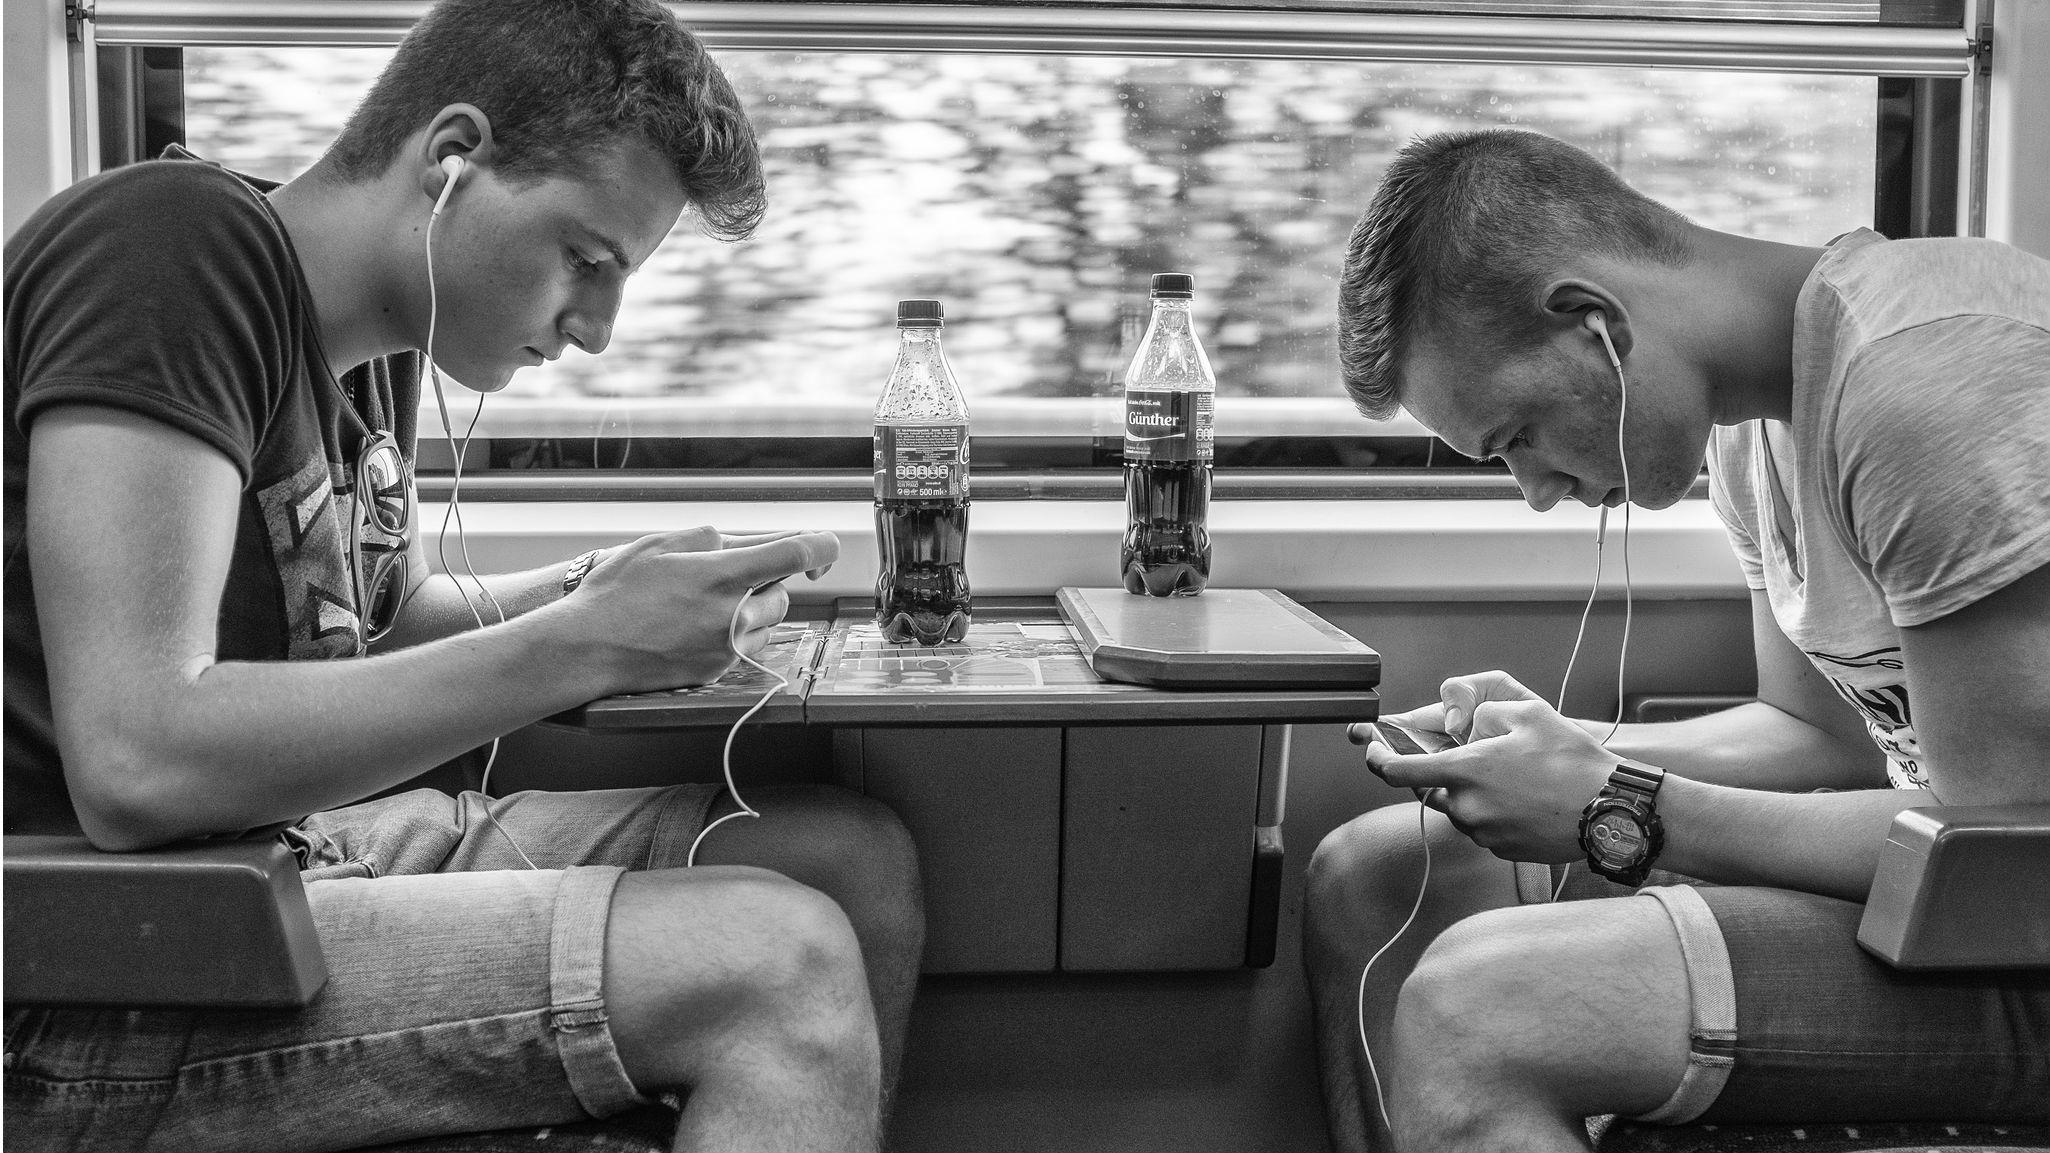 Pamiętaj! Rozmawianie i czytanie książek jest lamerskie. Fot: Jurg Stuker / flickr.com